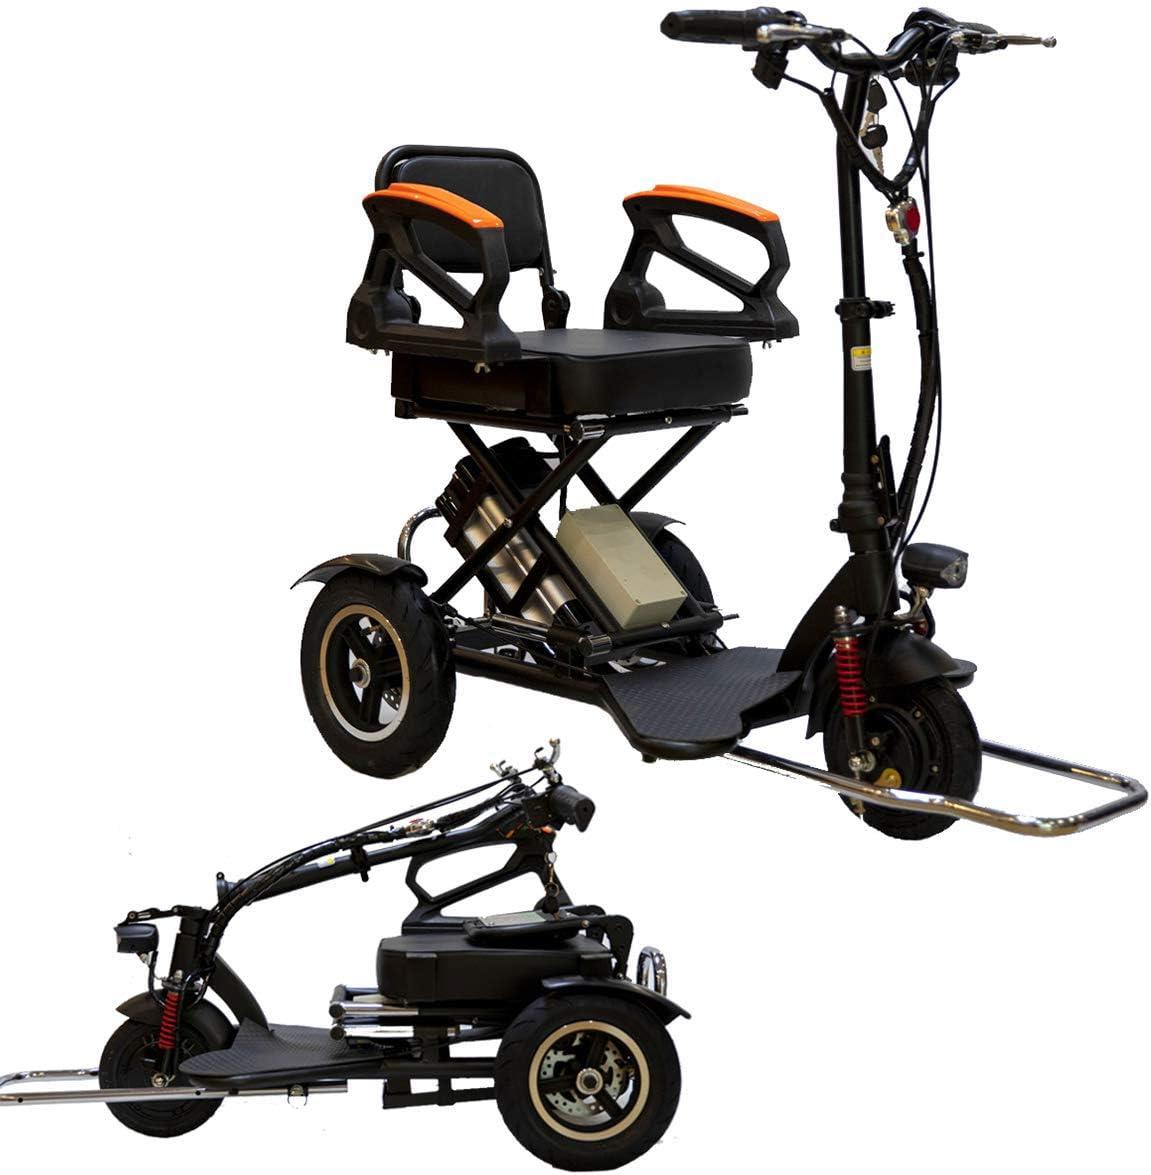 XYDDC Mini eléctrico Triciclo para Adultos portátil Plegable/Mayor/lisiado Scooter eléctrico de Litio eléctrica de 48 V del vehículo Puede durar más de 60 Kilómetros con Seguridad Barandilla Negro